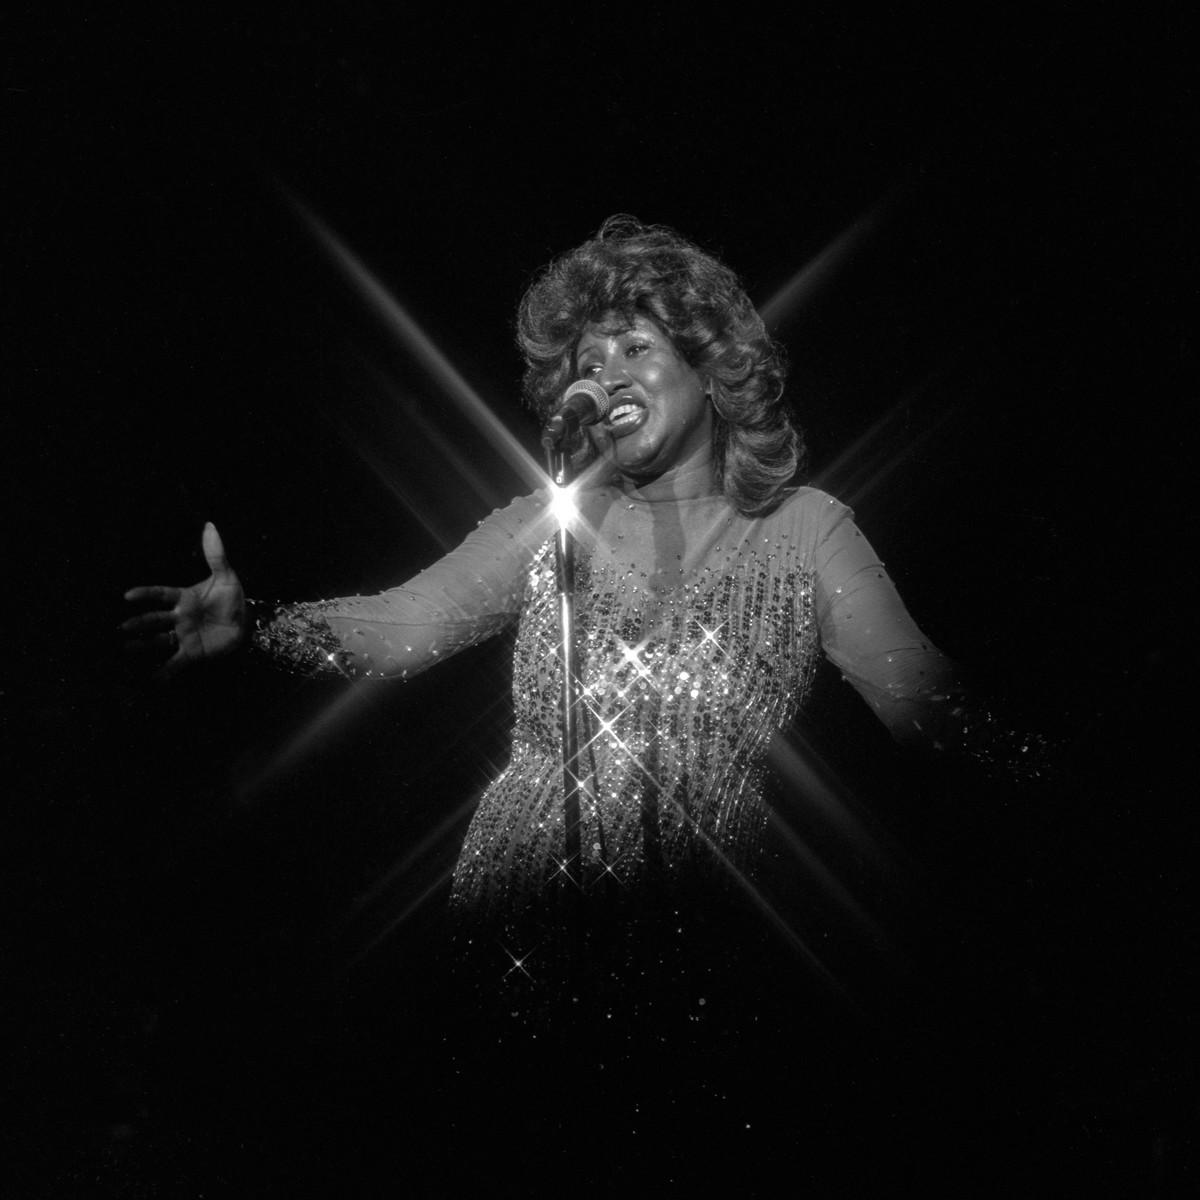 Napacena drusa kraljice Arete: Majka sa 13, udata za makroa u 19, svoju patnju utkala je u glas i postala najbolji vokal 20. veka